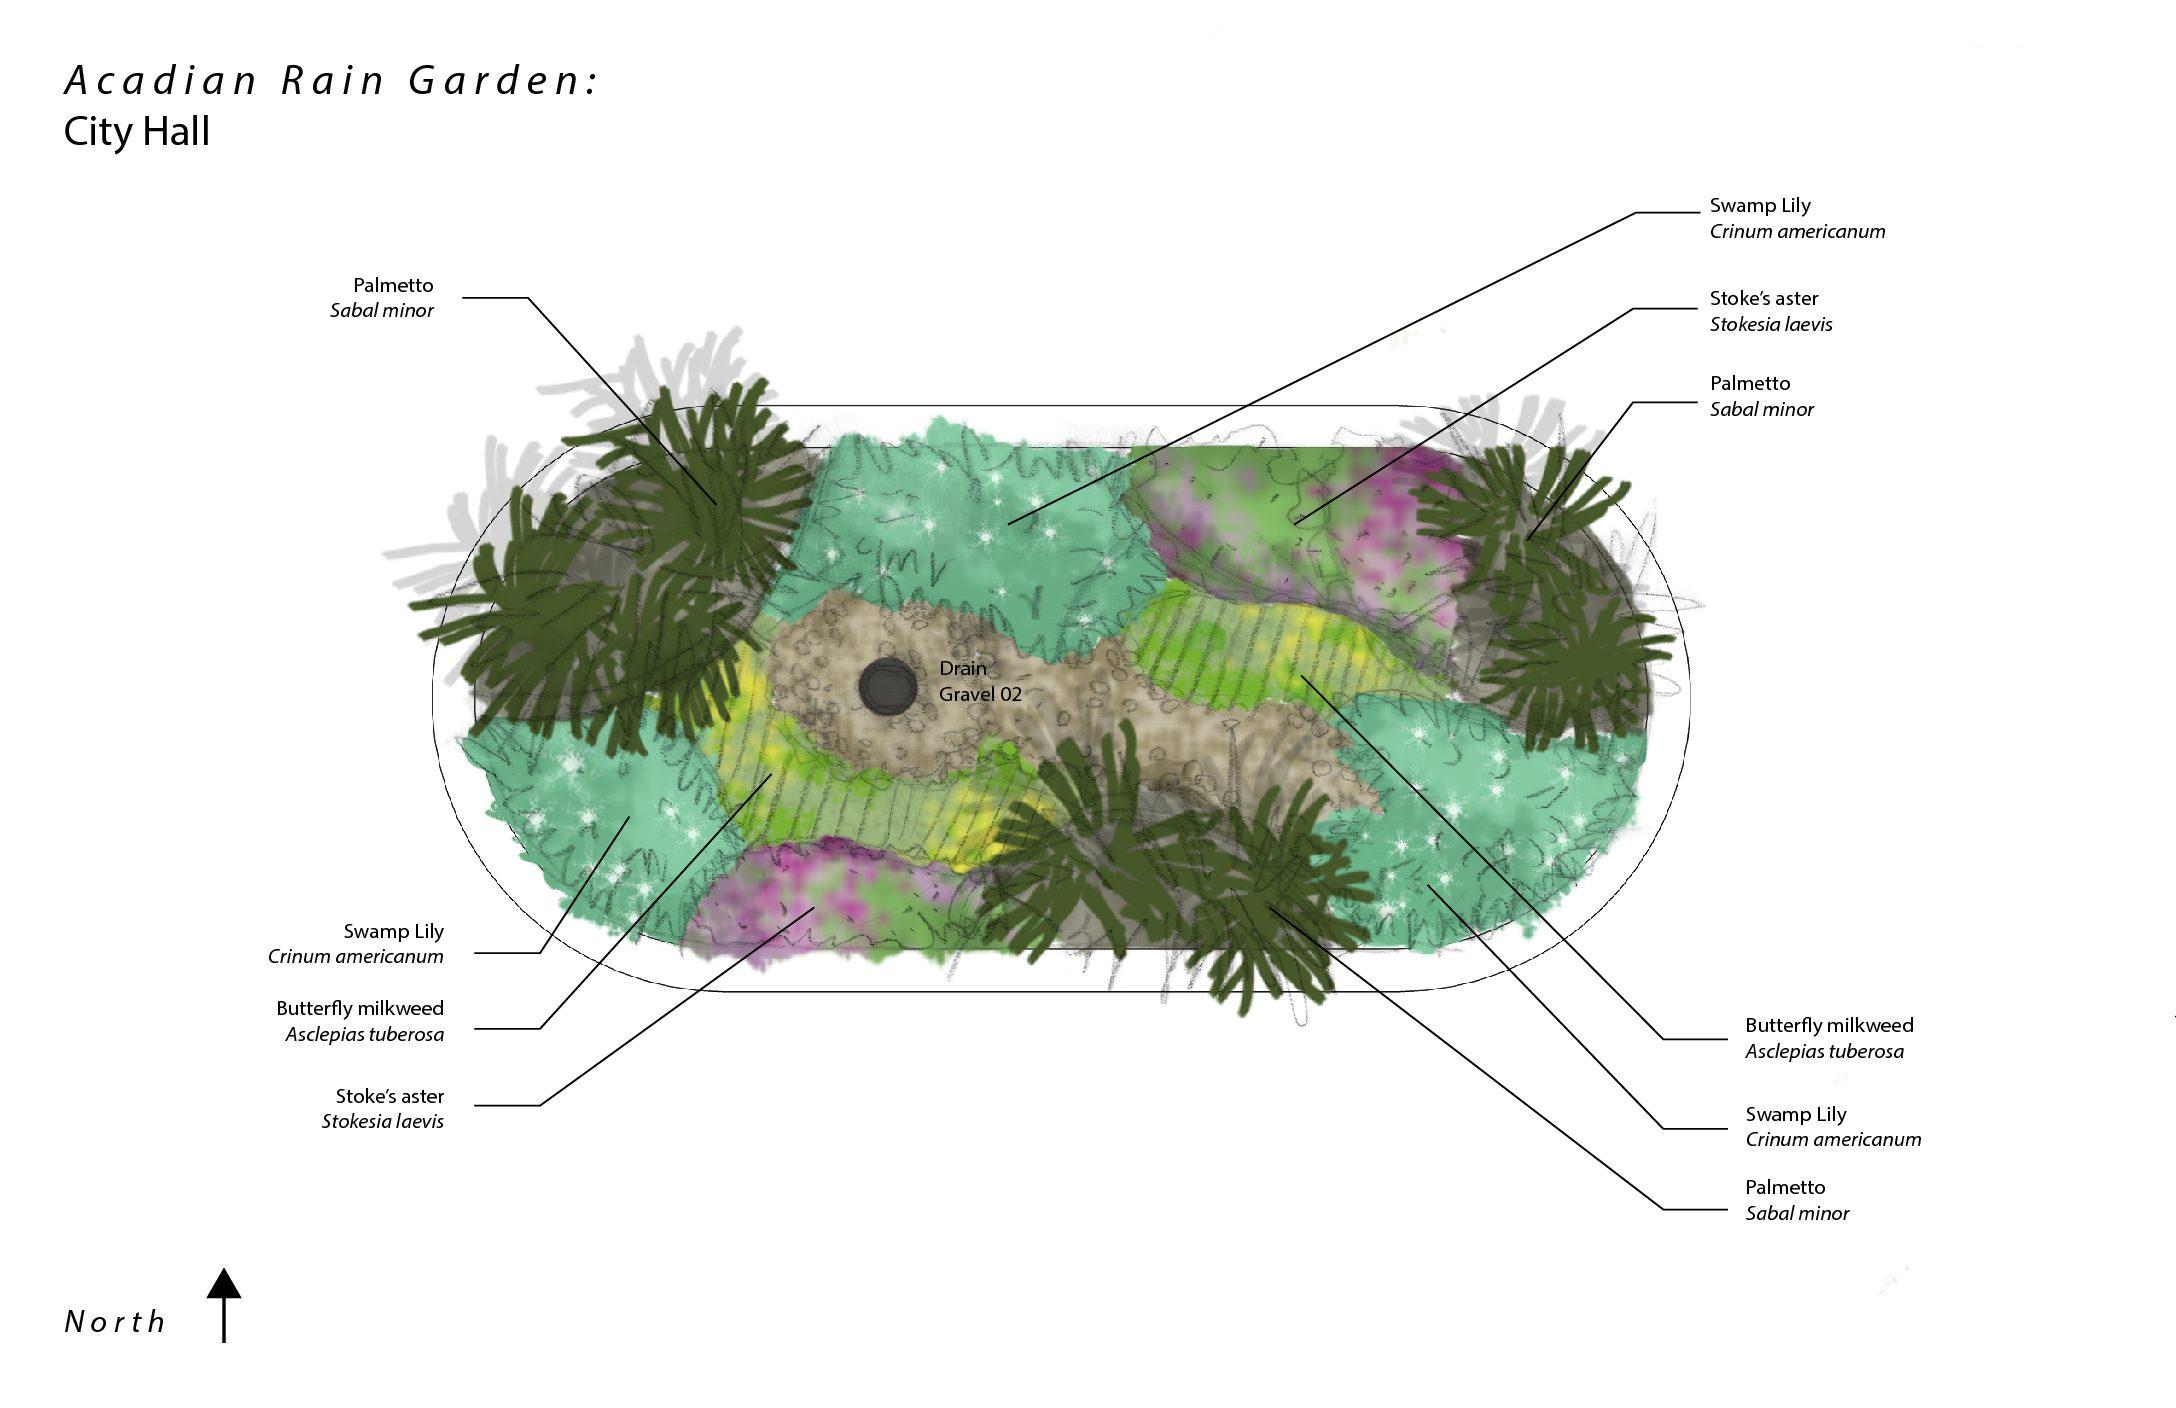 Acadian Rain Gardens Update #2